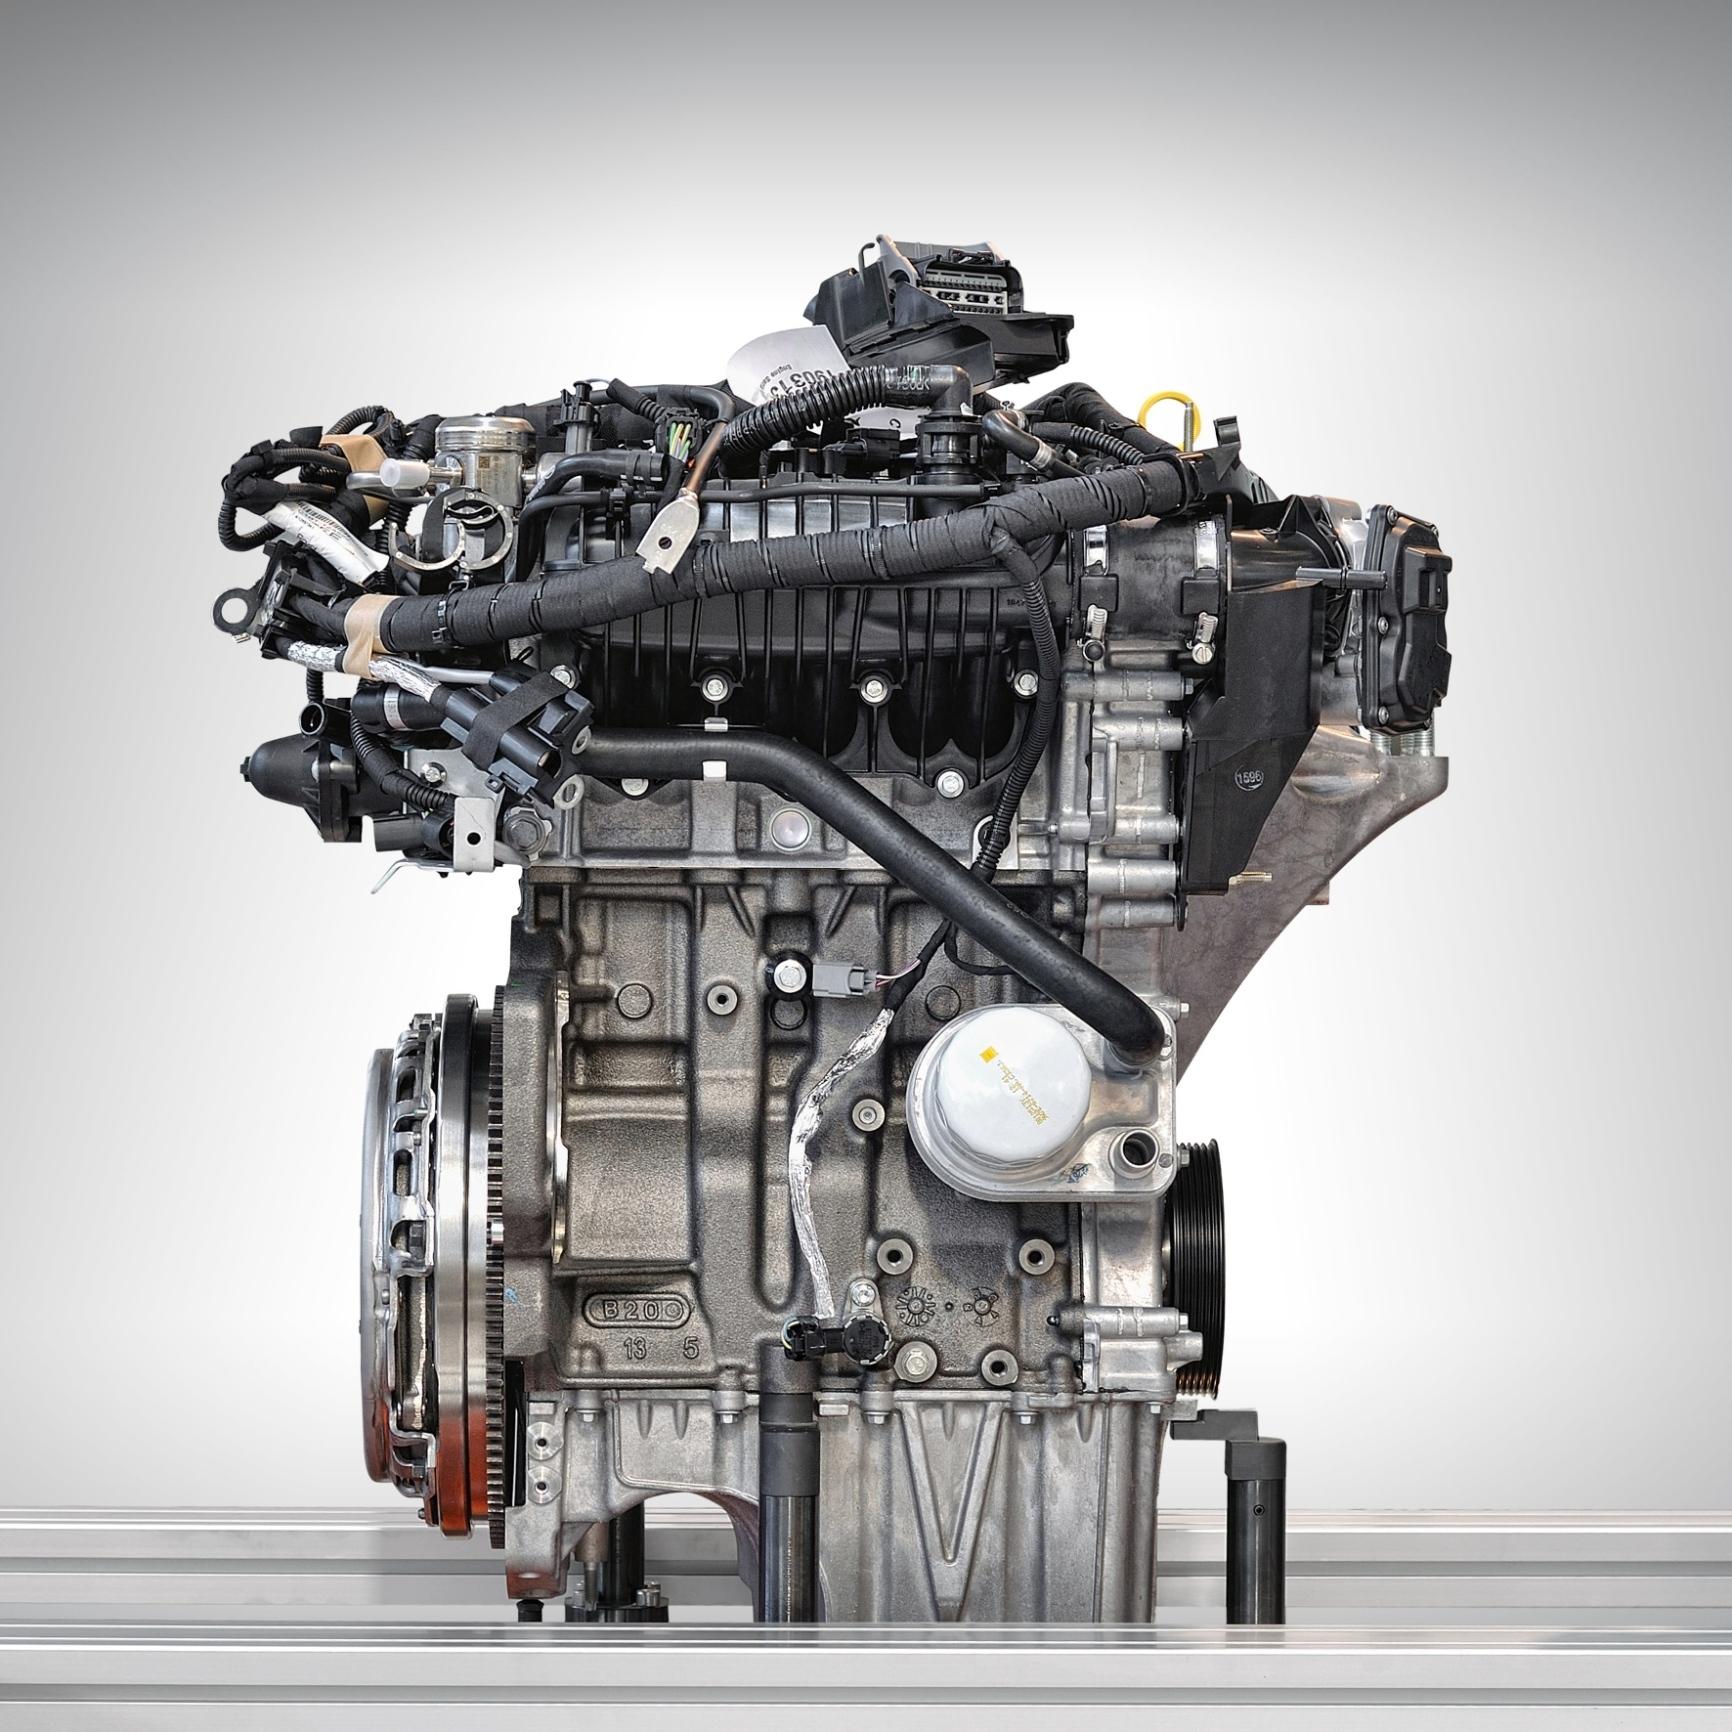 mid Groß-Gerau - Mehrfach ausgezeichnet und dennoch mit Verbesserungspotenzial, das jetzt gehoben wird: Der 1,0-Liter-Ecoboost-Dreizylinder kommt 2018 mit Zylinderabschaltung.